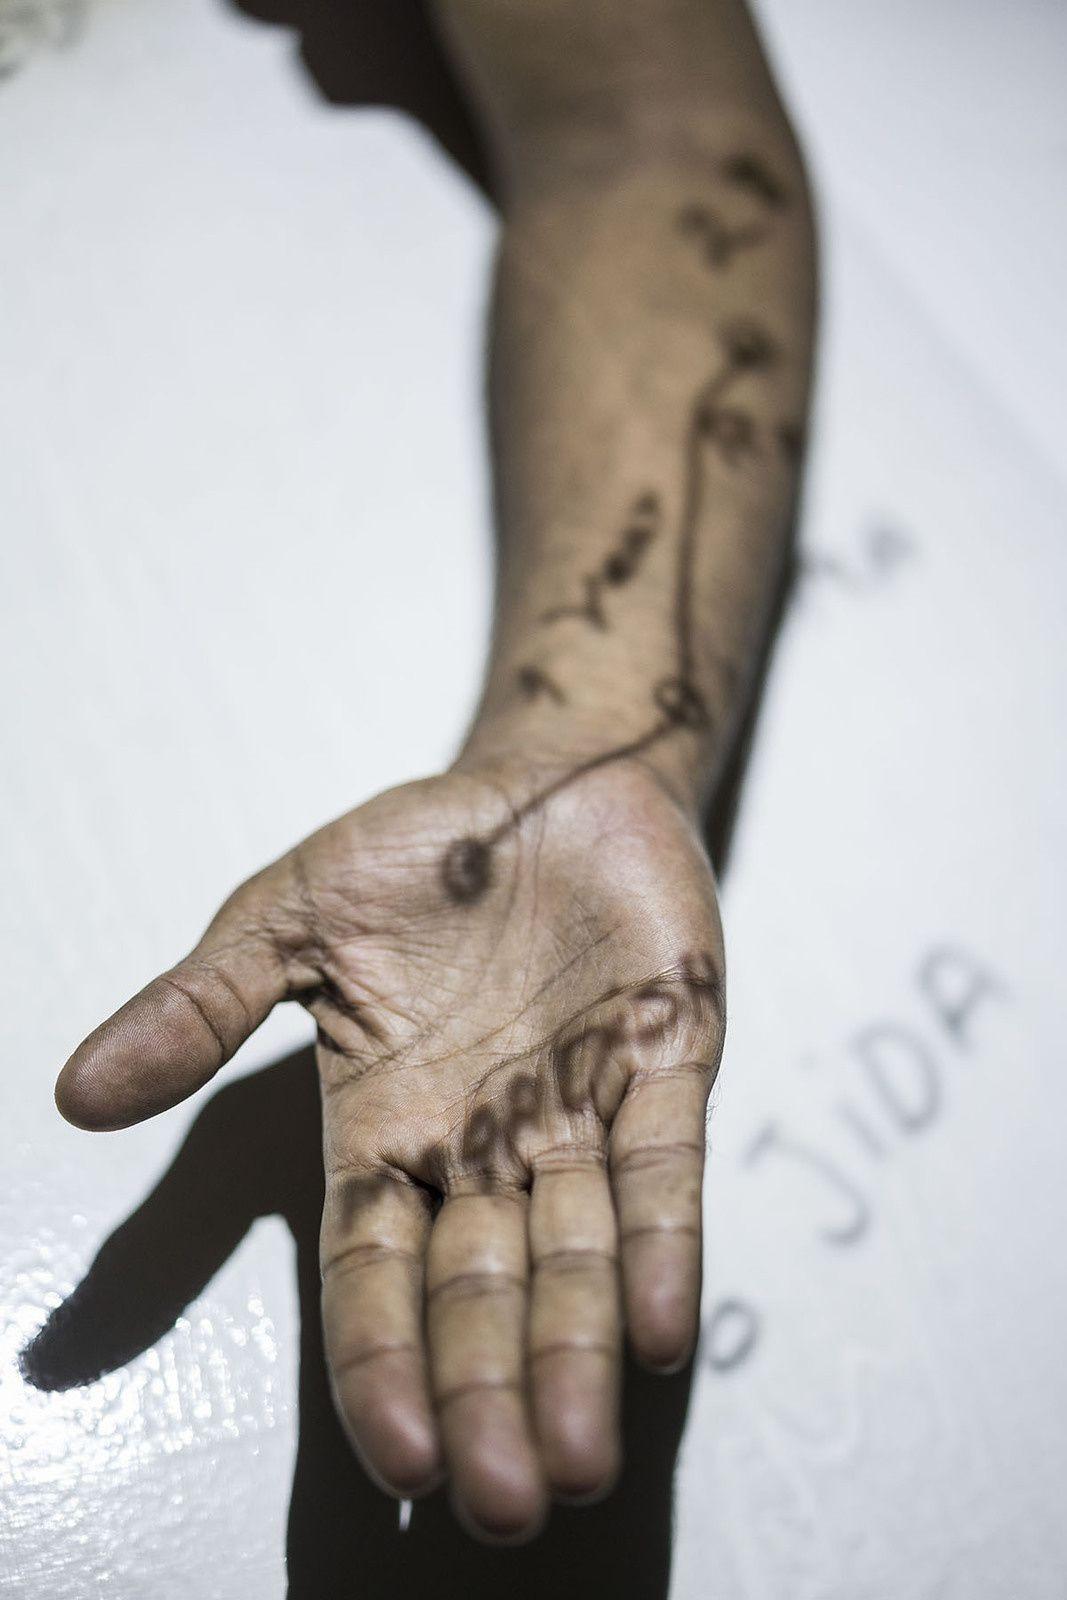 Le syndrome d'Ulysse : révéler les trajets et les traces des migrants, exposition de Luis Carlos Tovar